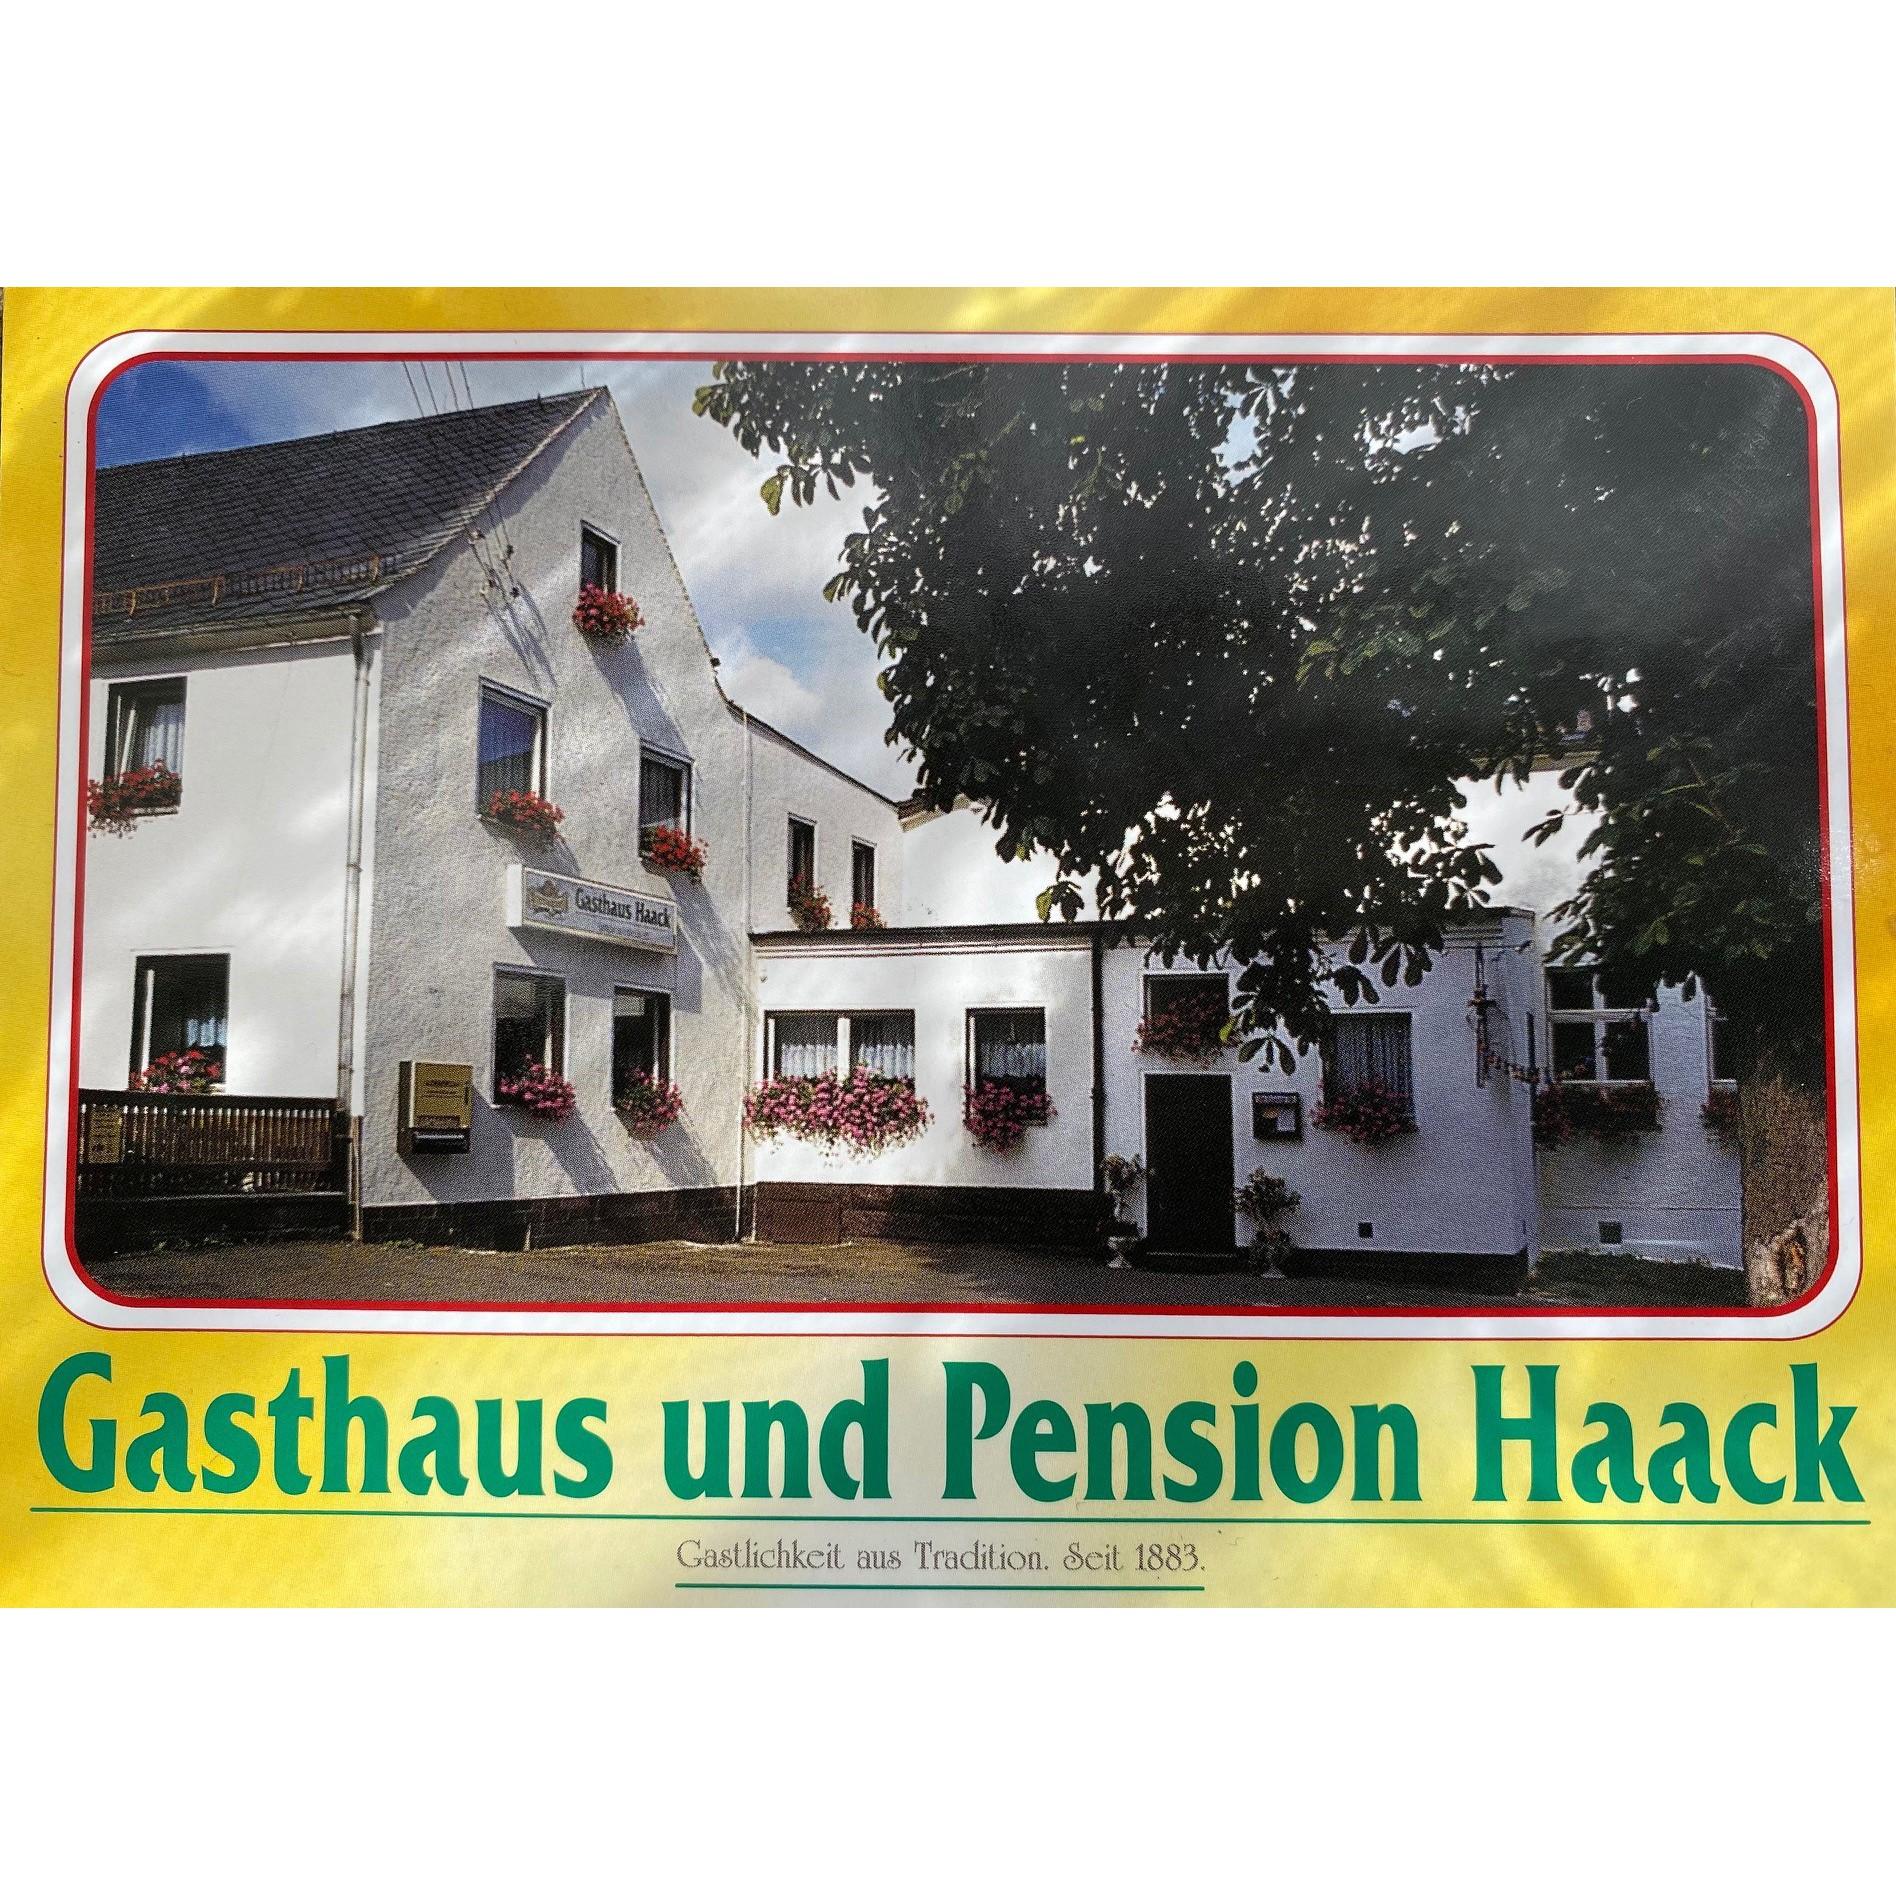 Bild zu Gaststätte & Pension Haack in Zobes Gemeinde Neuensalz